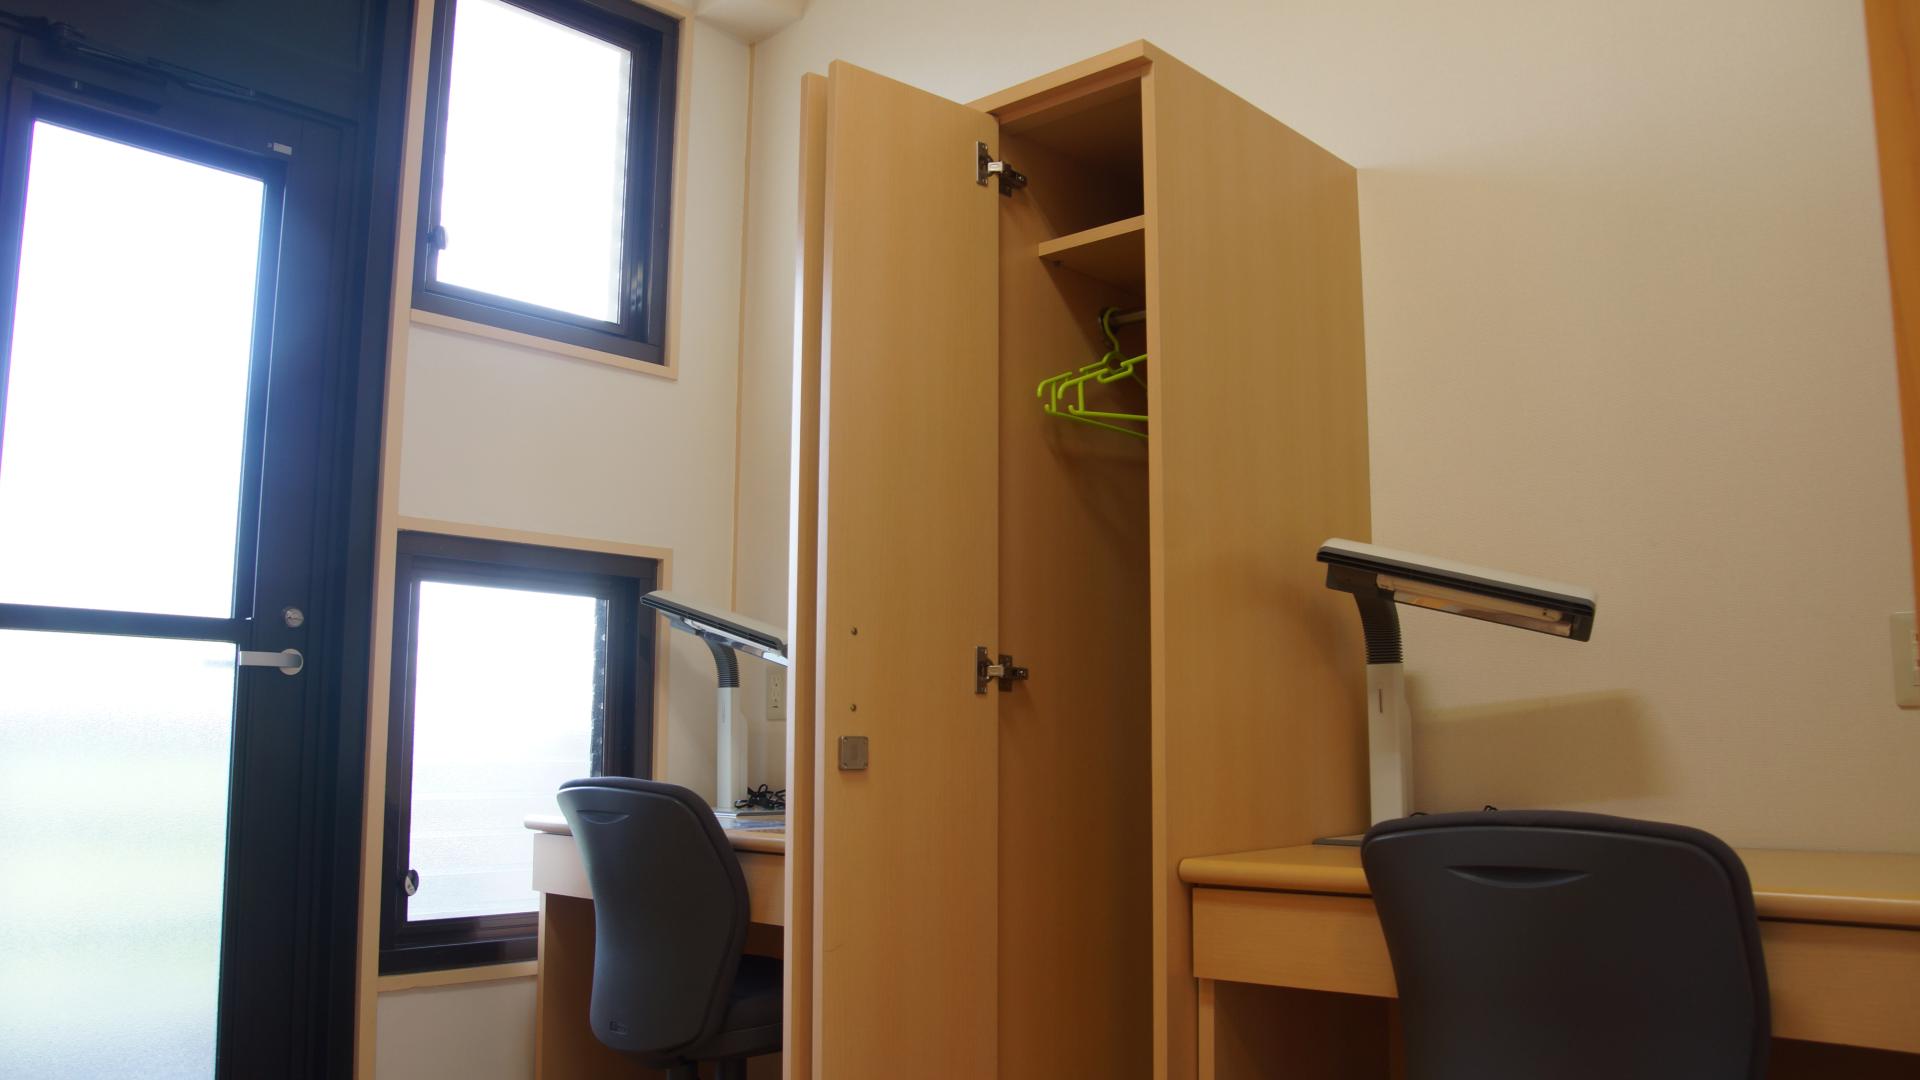 萩セミナーハウス | 宿泊室1